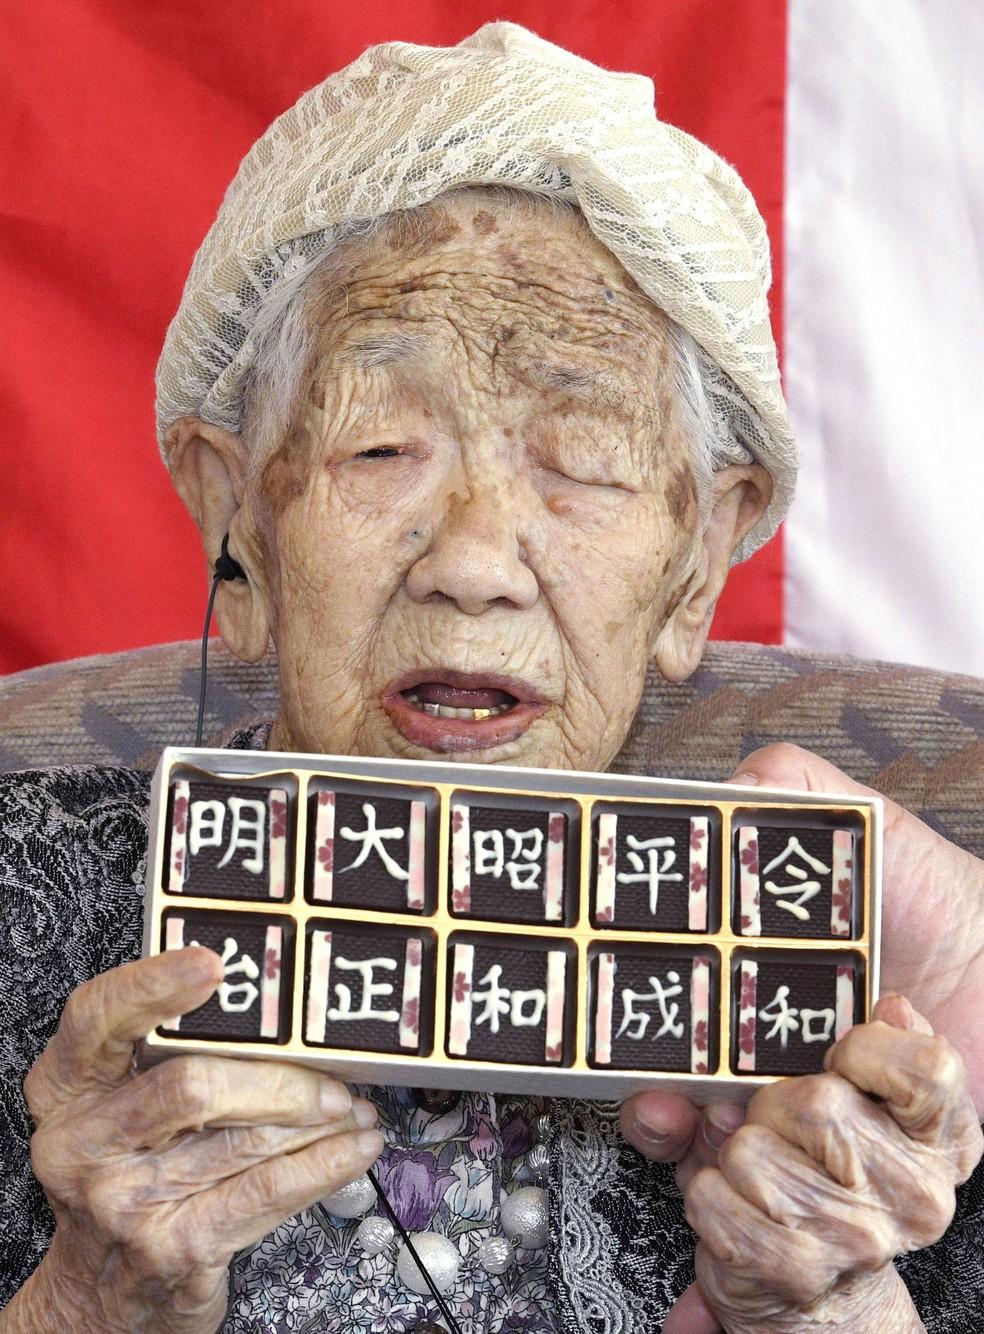 Considerada a mulher mais velha do mundo pelo livro dos recordes, a japonesa Kane Tanaka nasceu durante a era Meiji, época de grande transformação no Japão. — Foto: Ryosuke Uematsu/Kyodo News via AP